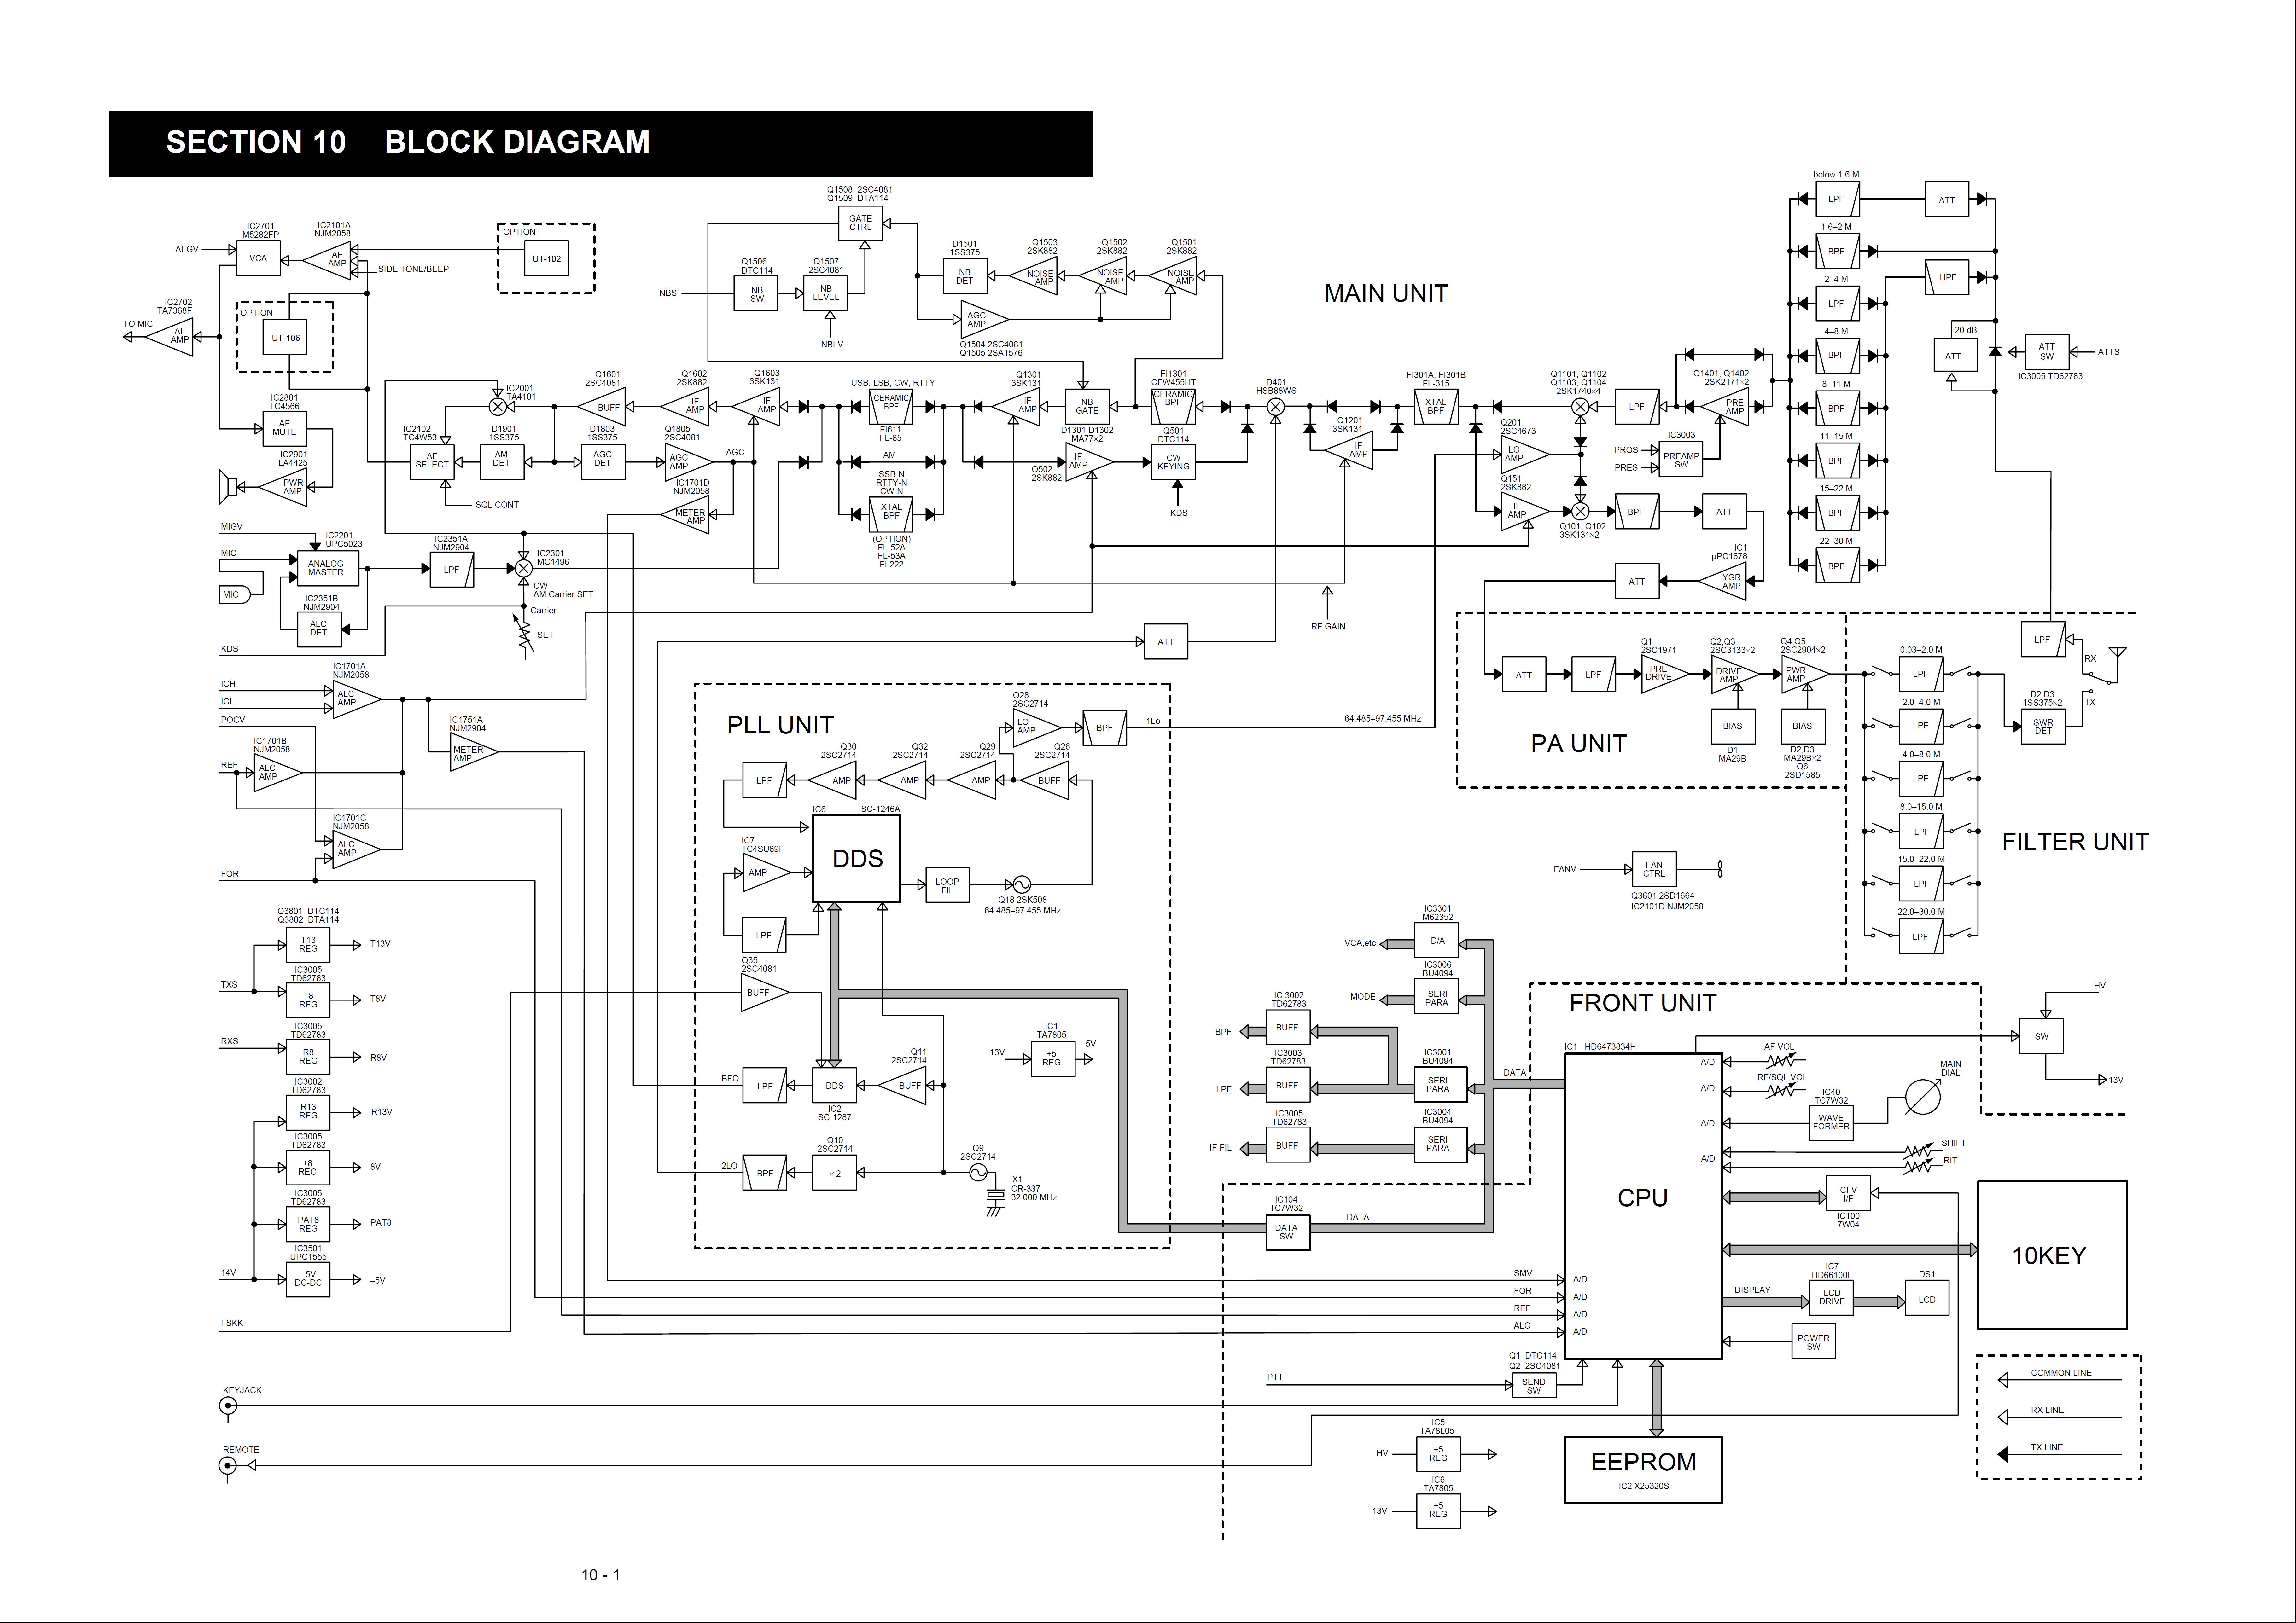 ICOM IC-718 HF Transceiver Block Diagram | ICOM IC-718 HF